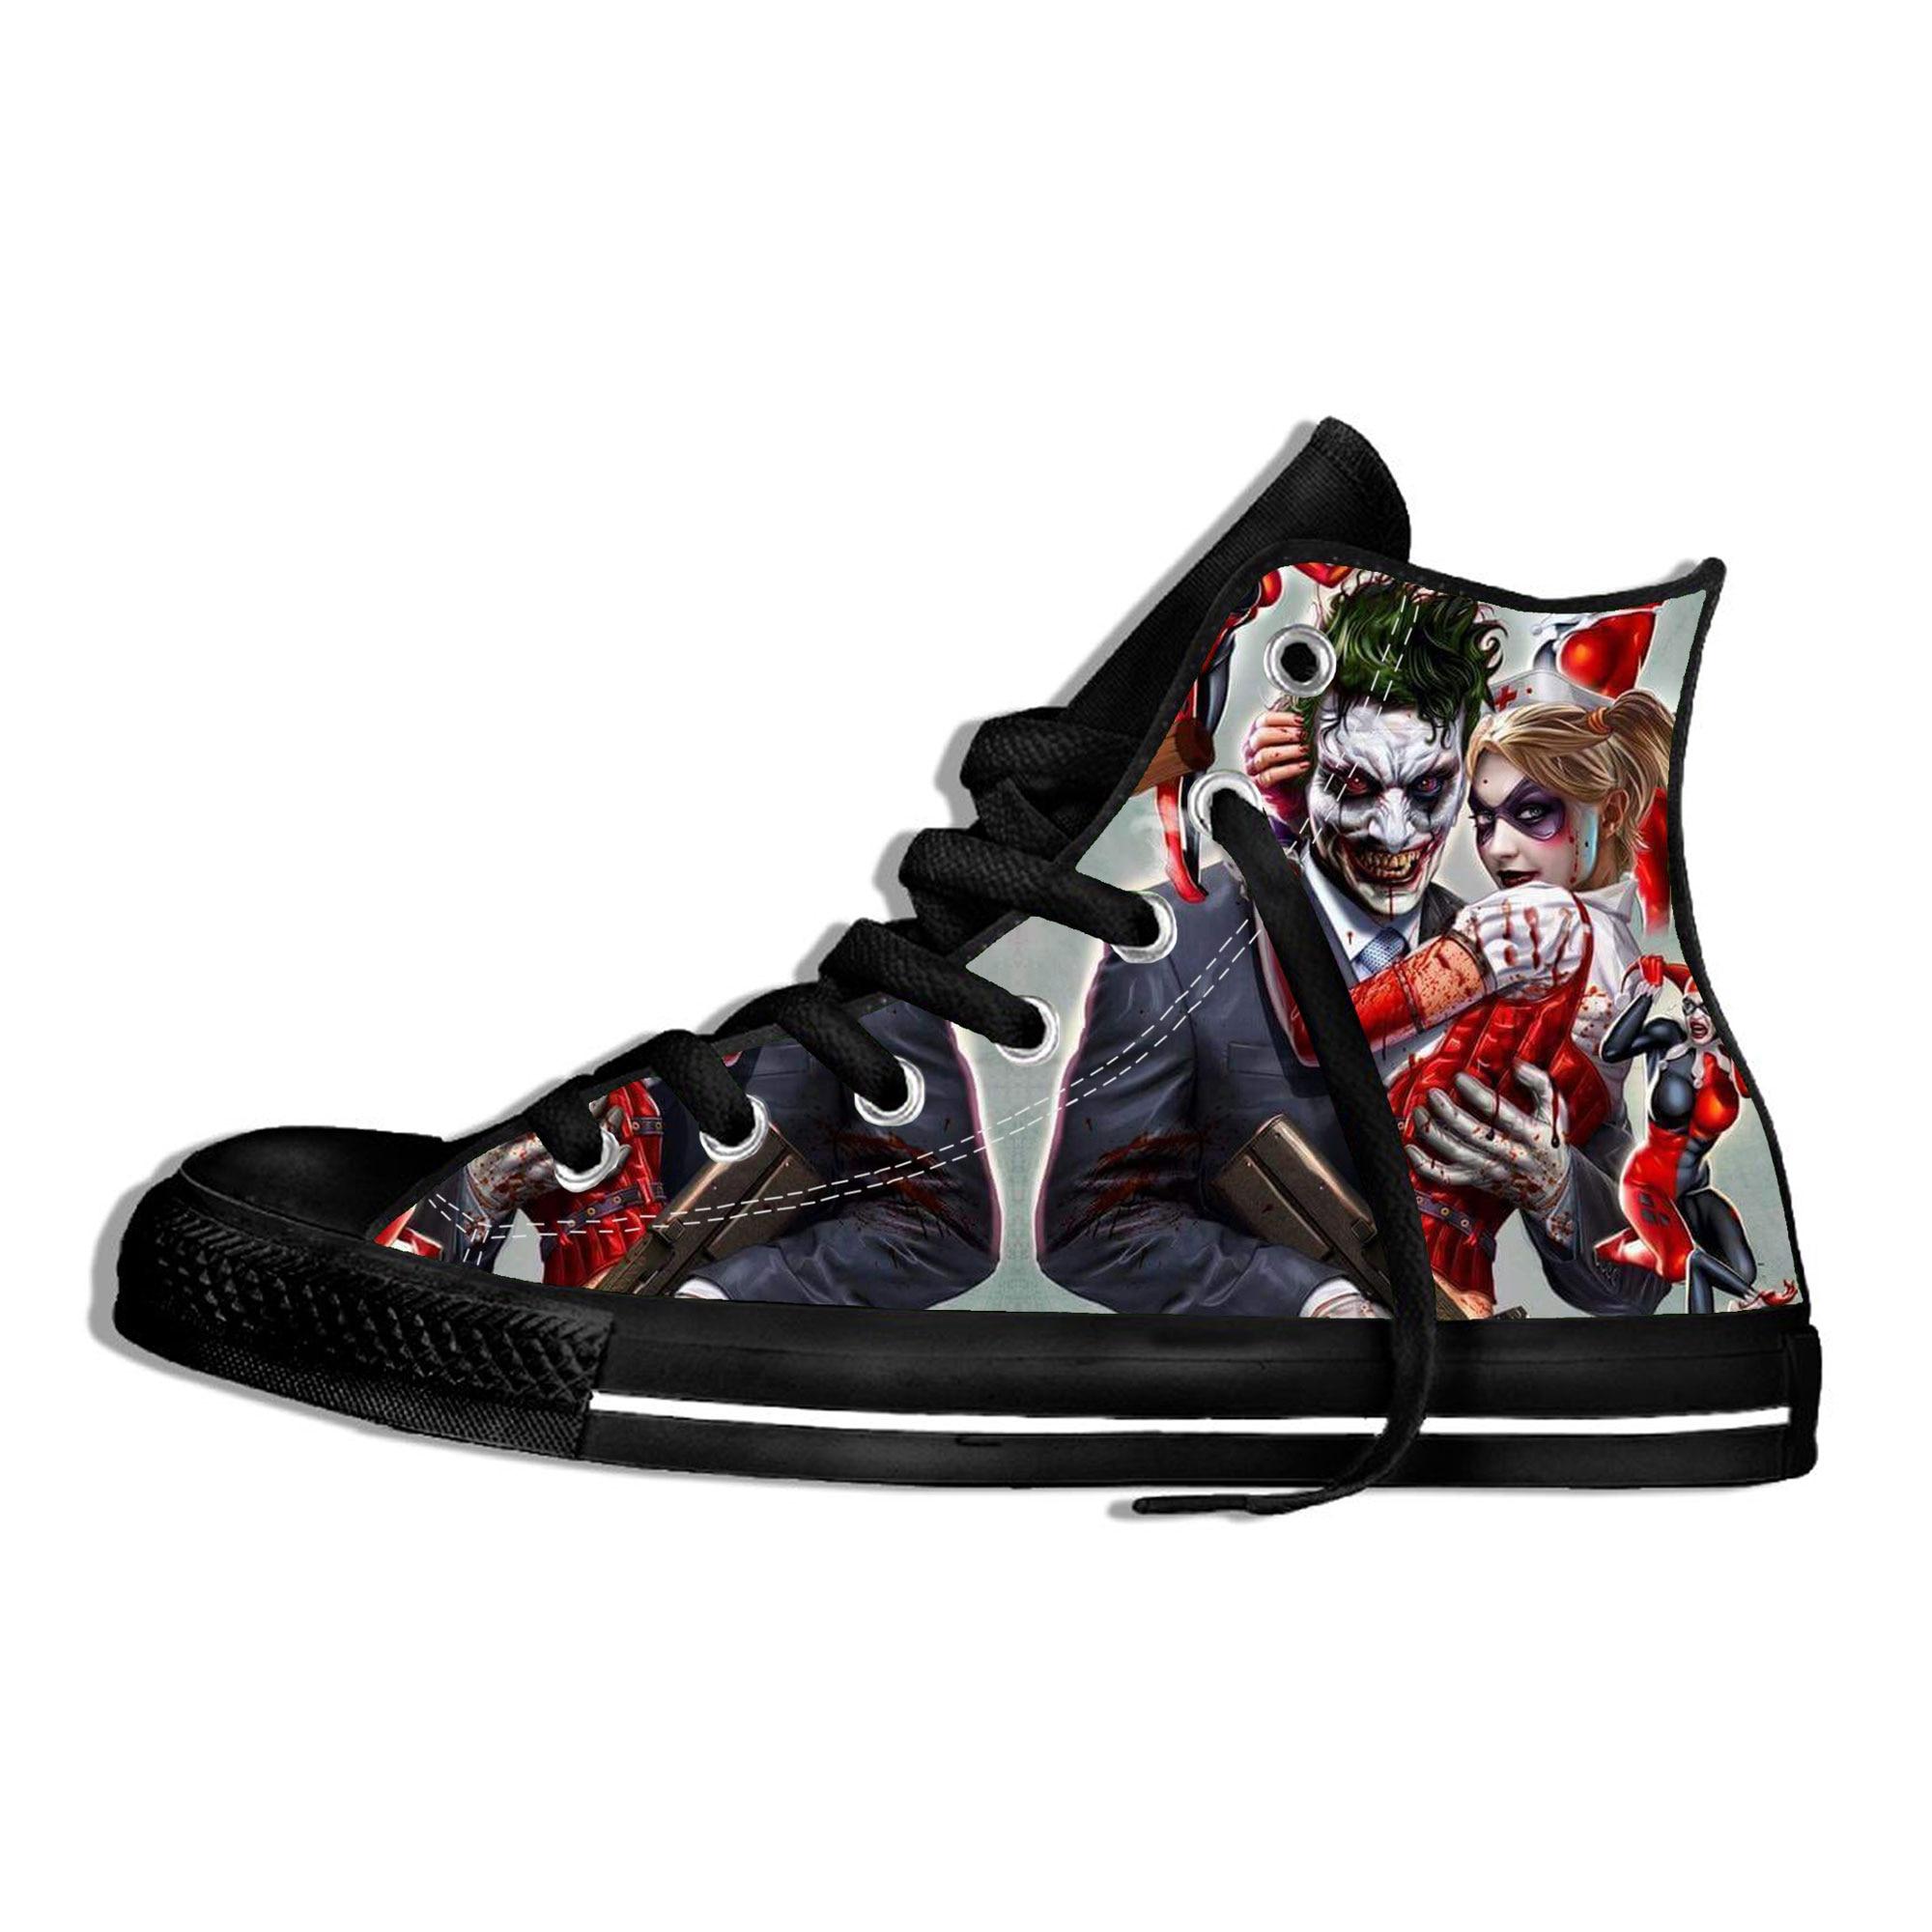 ¡Novedad de 2020! Zapatos de lona de Anime del Joker y Harley Quinn, zapatos deportivos para hombres y mujeres y adolescentes, zapatos de uso diario e informal para viajes al aire libre